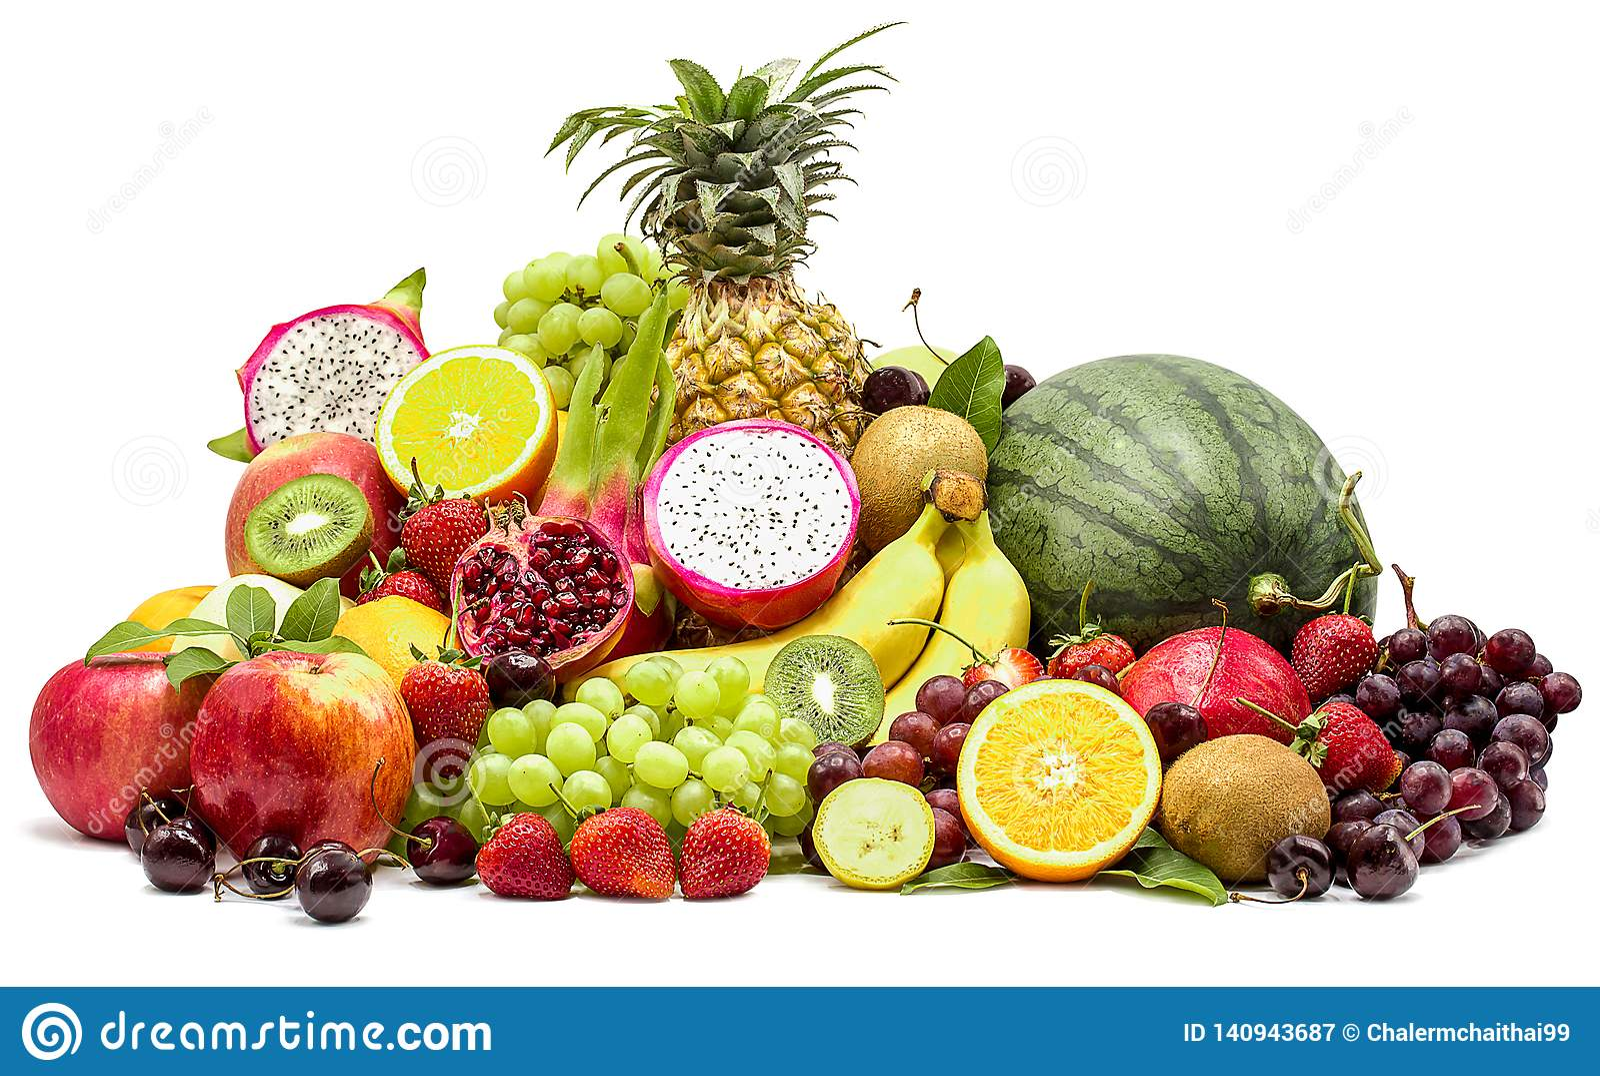 Composizione con i frutti assortiti isolata su fondo bianco con il percorso di ritaglio